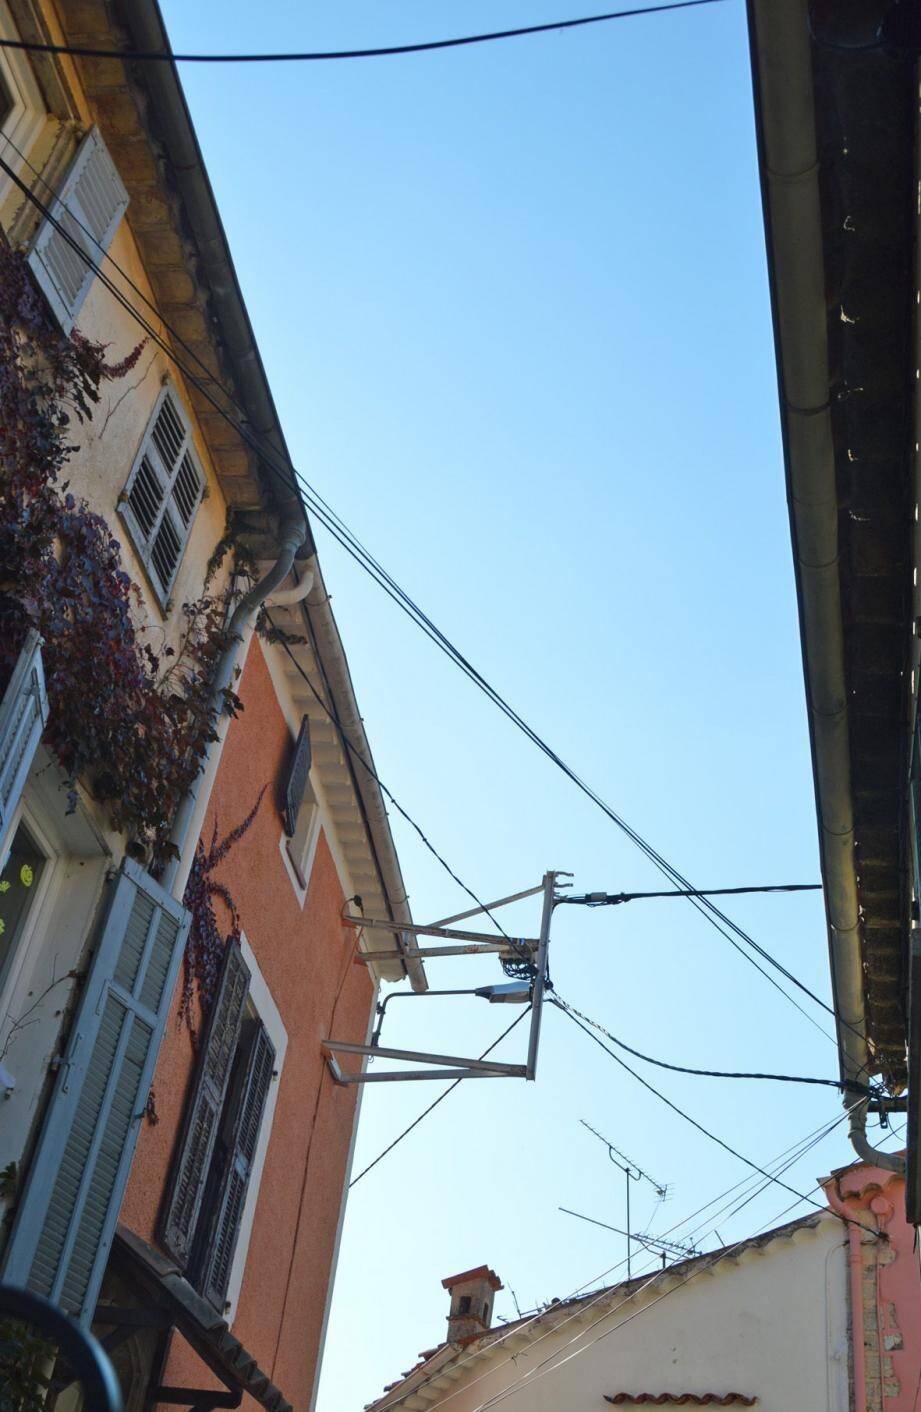 Les fils électriques qui traversent les rues et enlaidissent les façades sont appelés à disparaître.